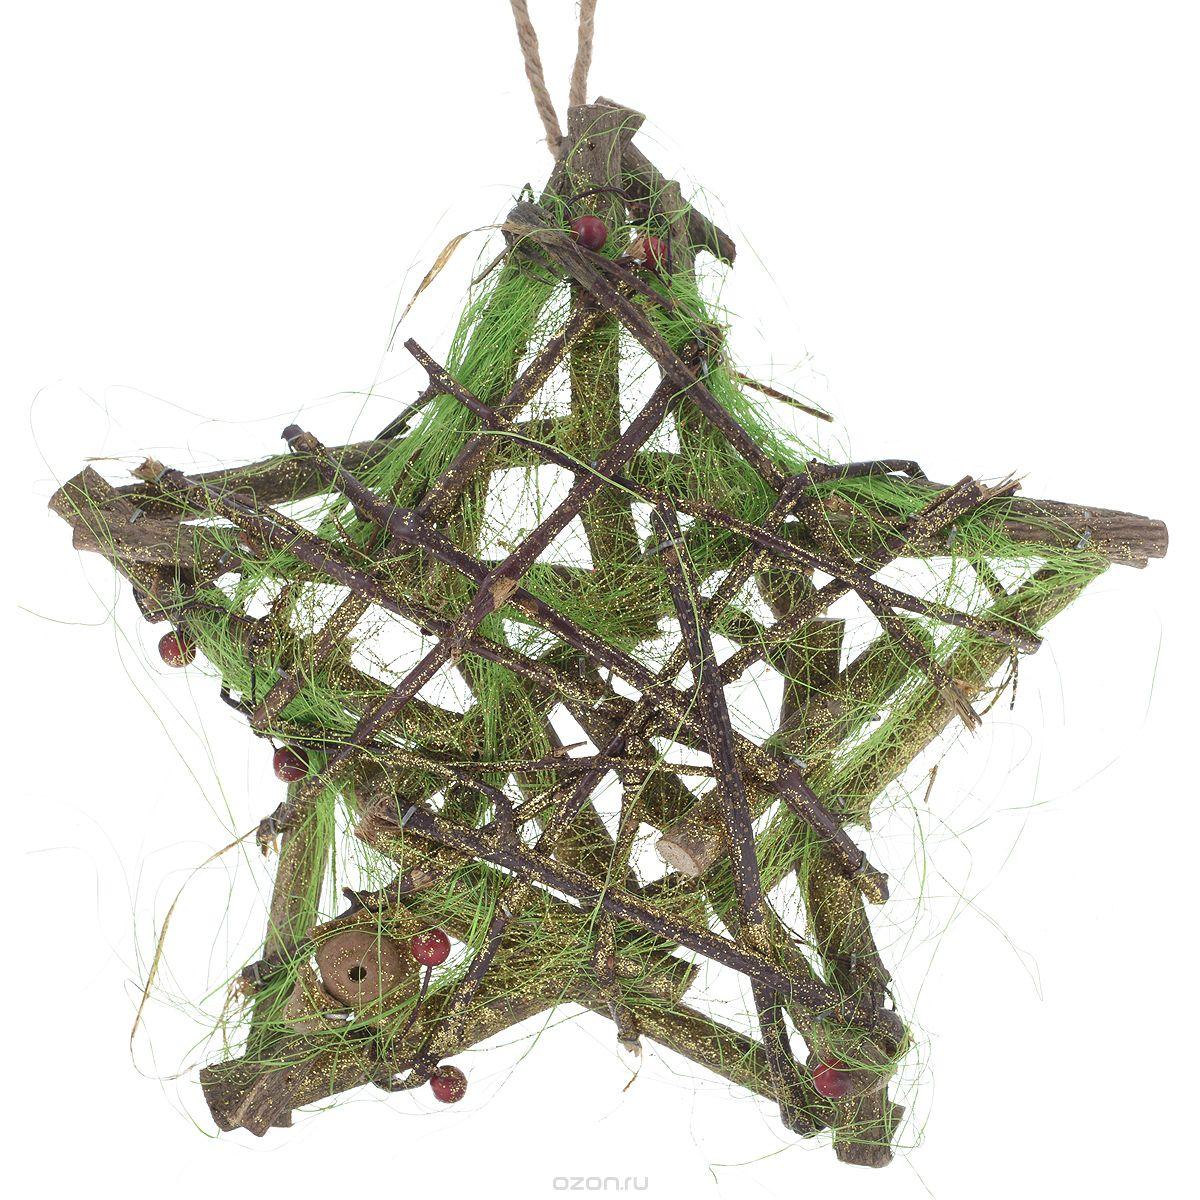 Декоративный элемент Dongjiang Art, 33 см х 33 см7709039Декоративный элемент Dongjiang Art, изготовленный из натурального дерева, представляет собой звезду, оформленную цветными нитями и блестками. Такая звезда дополнит интерьер любого помещения, а также сможет стать оригинальным подарком для ваших друзей и близких. Дополнительно вы можете украсить звезду лентами, фигурками, красивыми бусинами, цветной бумагой и другим материалом. Оформление помещения декоративными элементами создаст праздничную, по-настоящему радостную и теплую атмосферу.